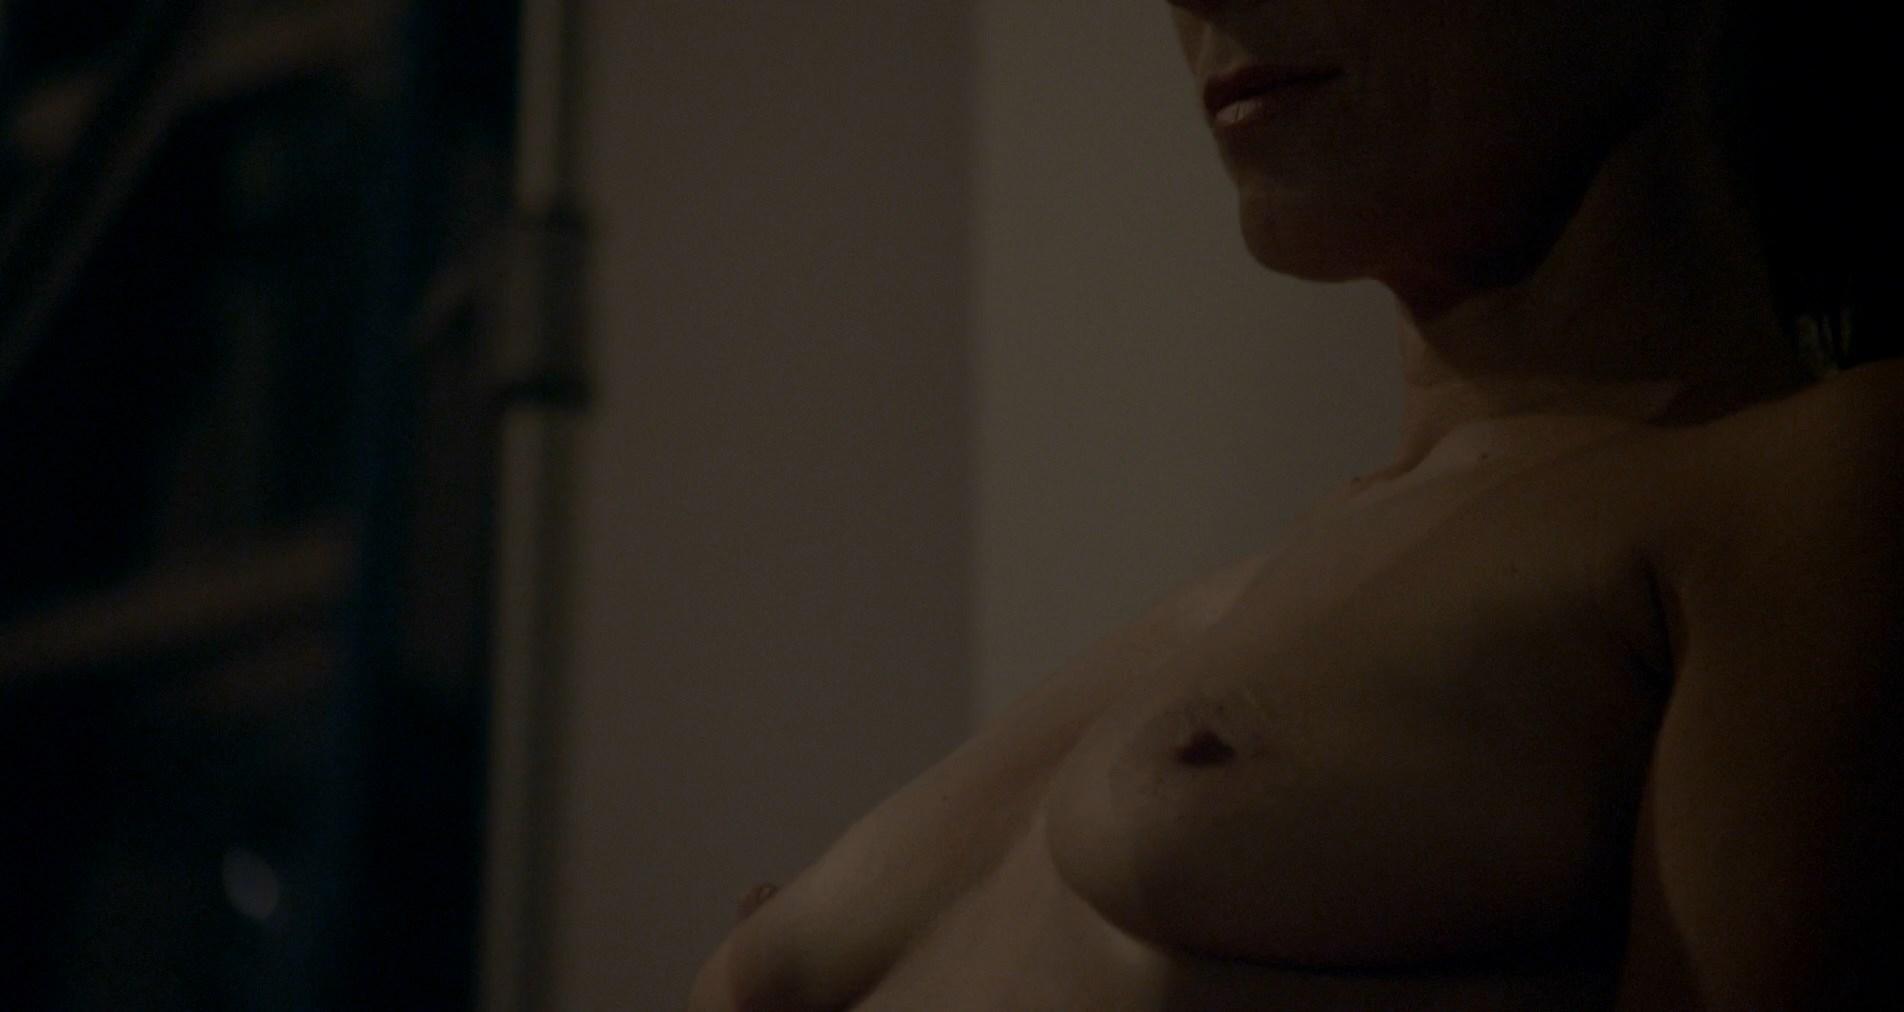 Briana evigan nude scenes erotic galery